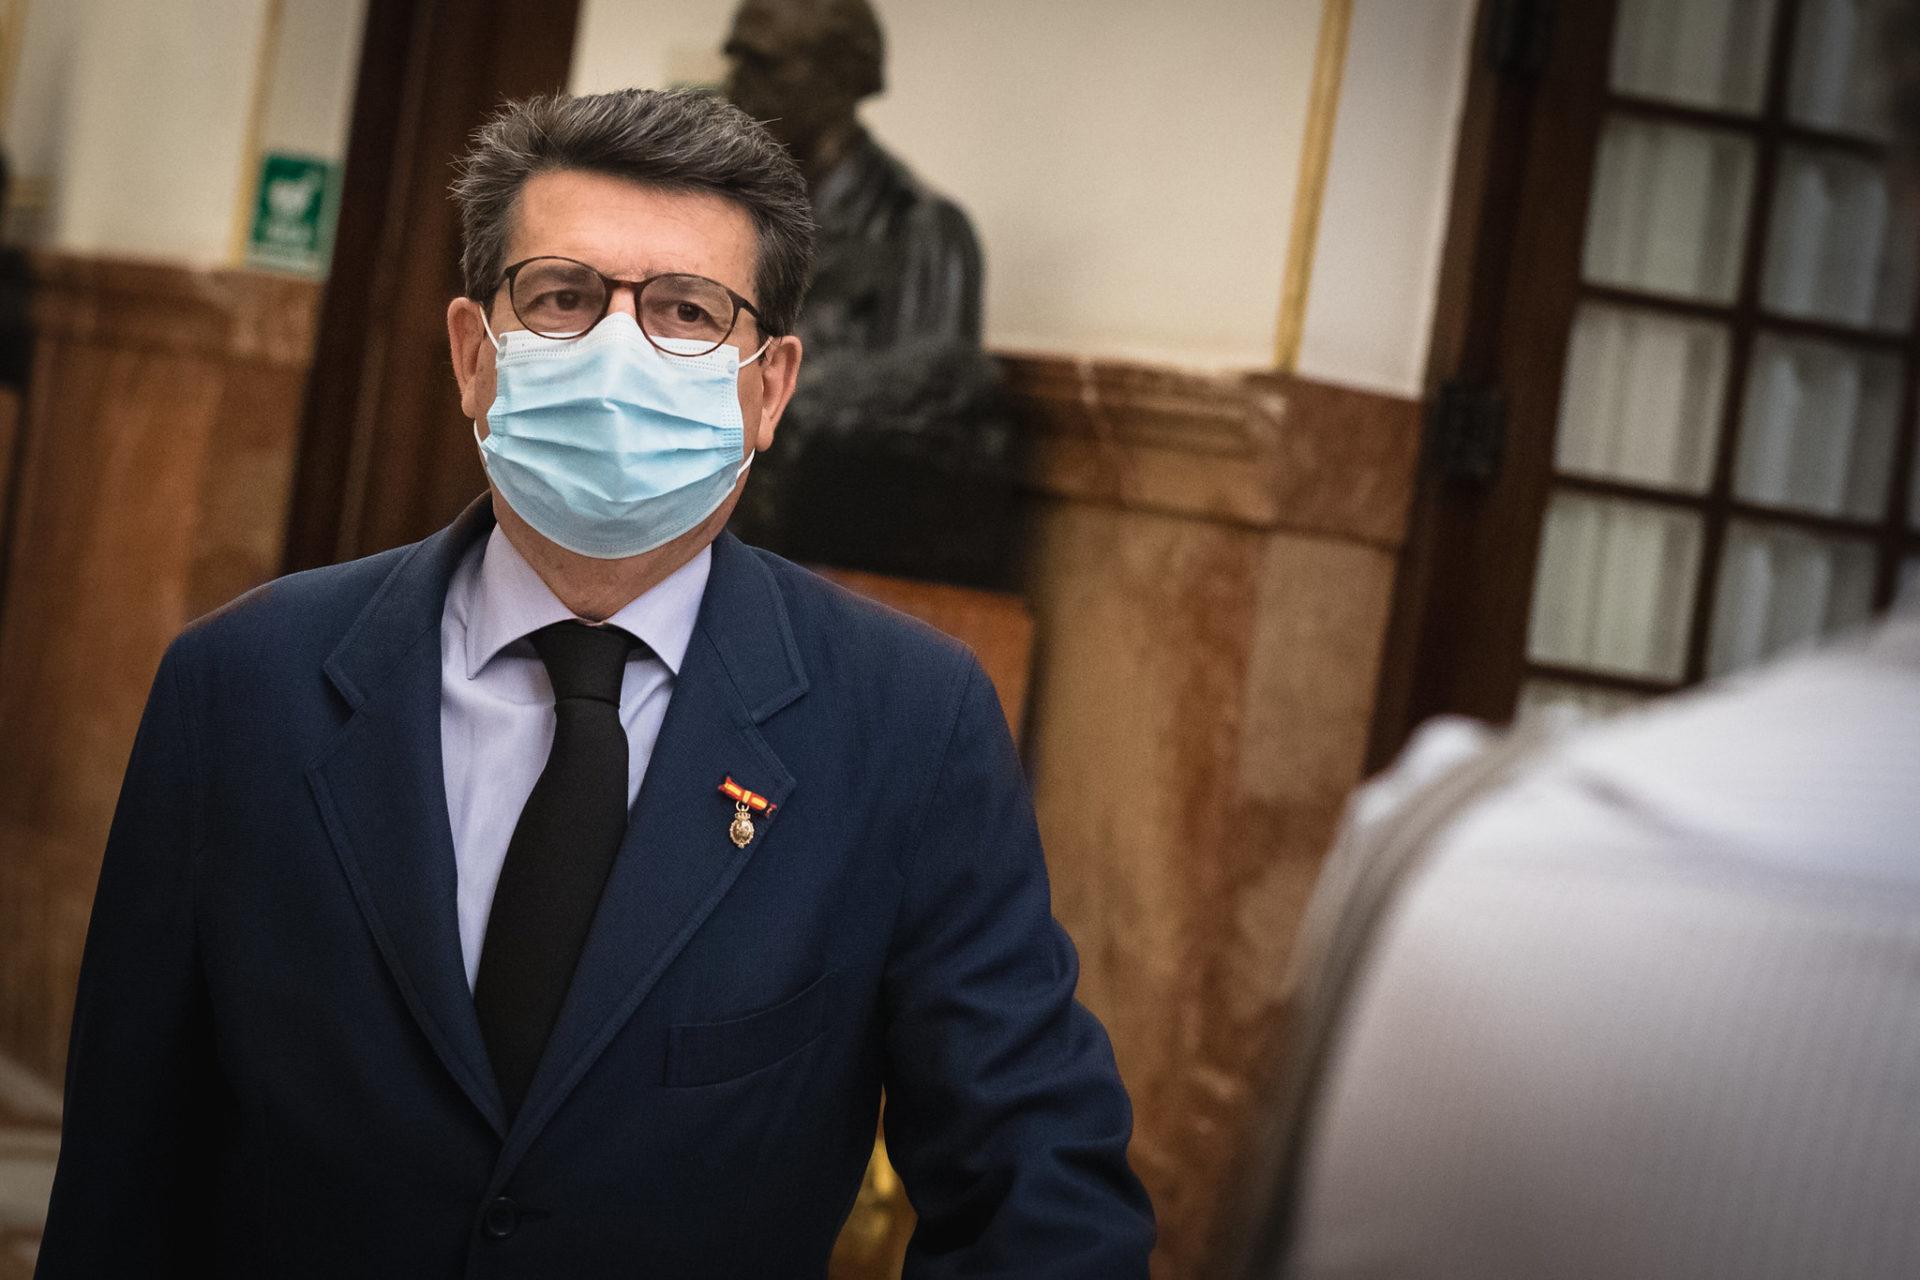 Juanjo Matarí